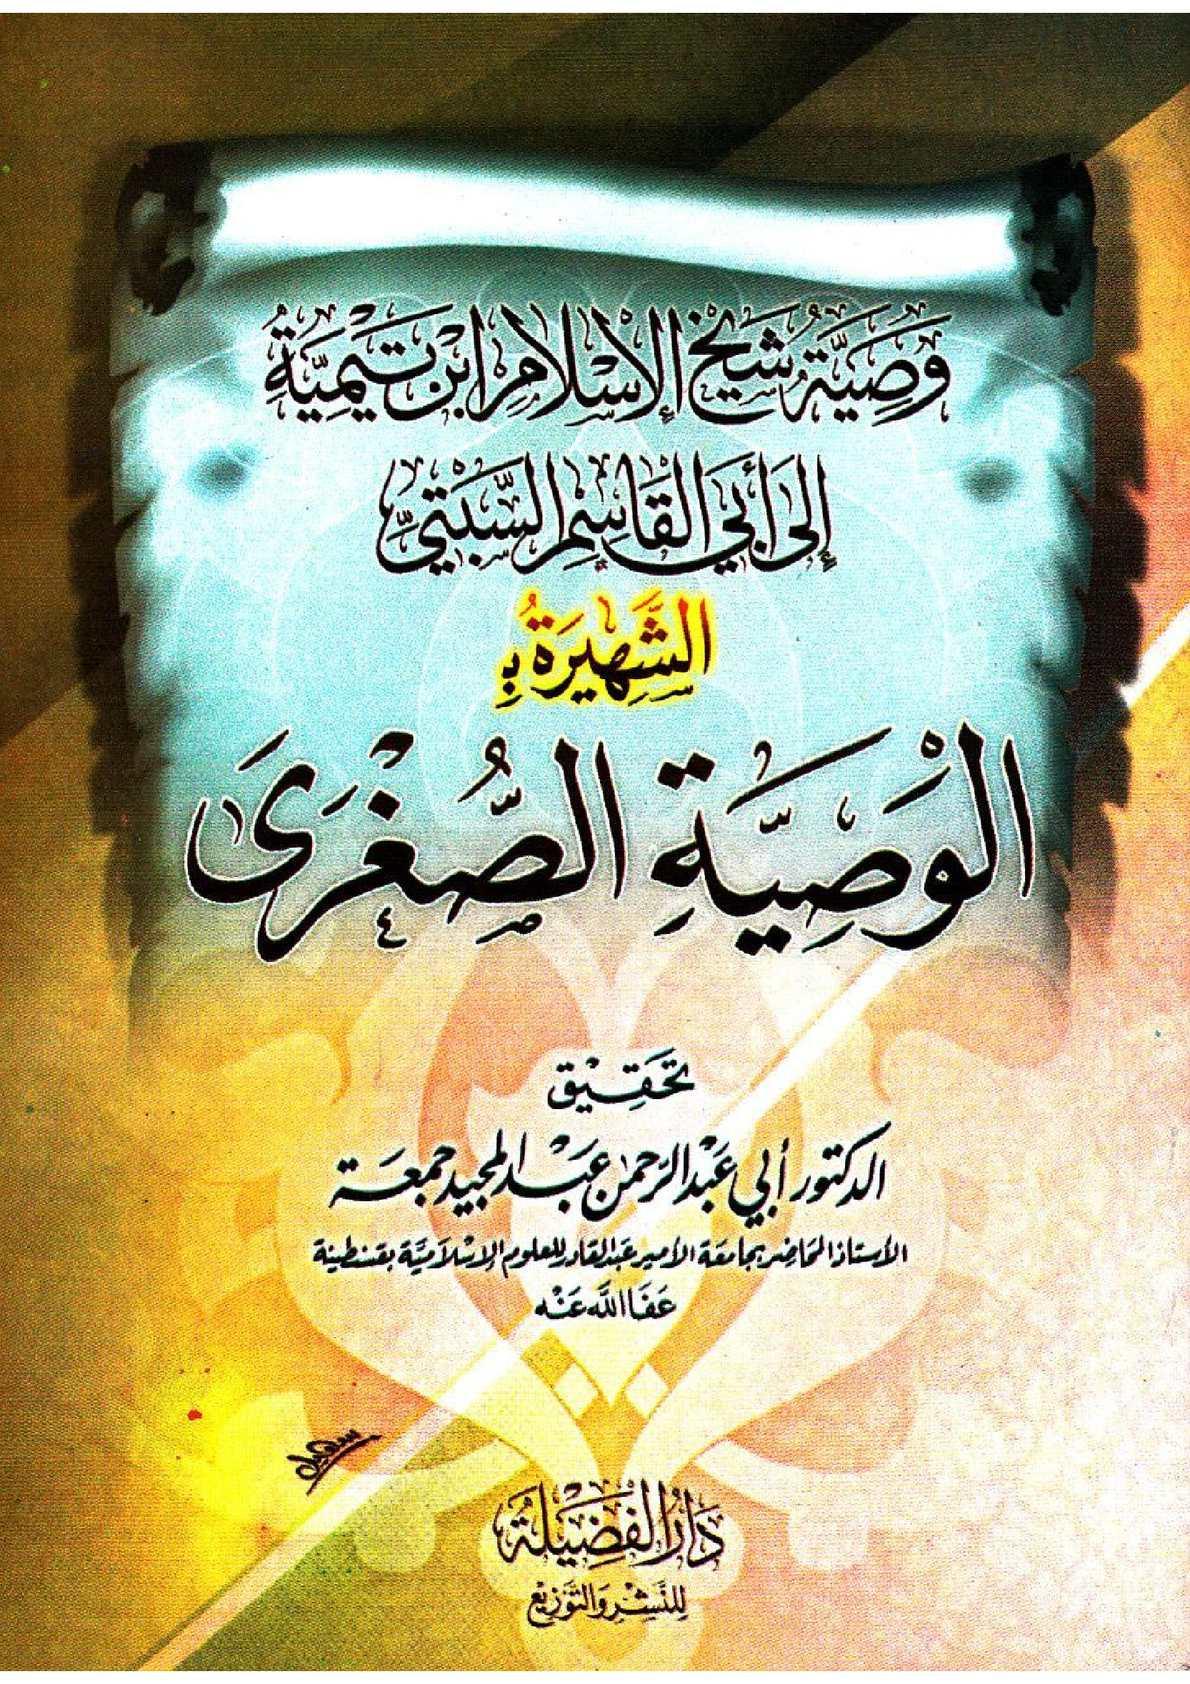 الوصية الصغرى لابن تيمية - تحقيق عبد المجيد جمعة